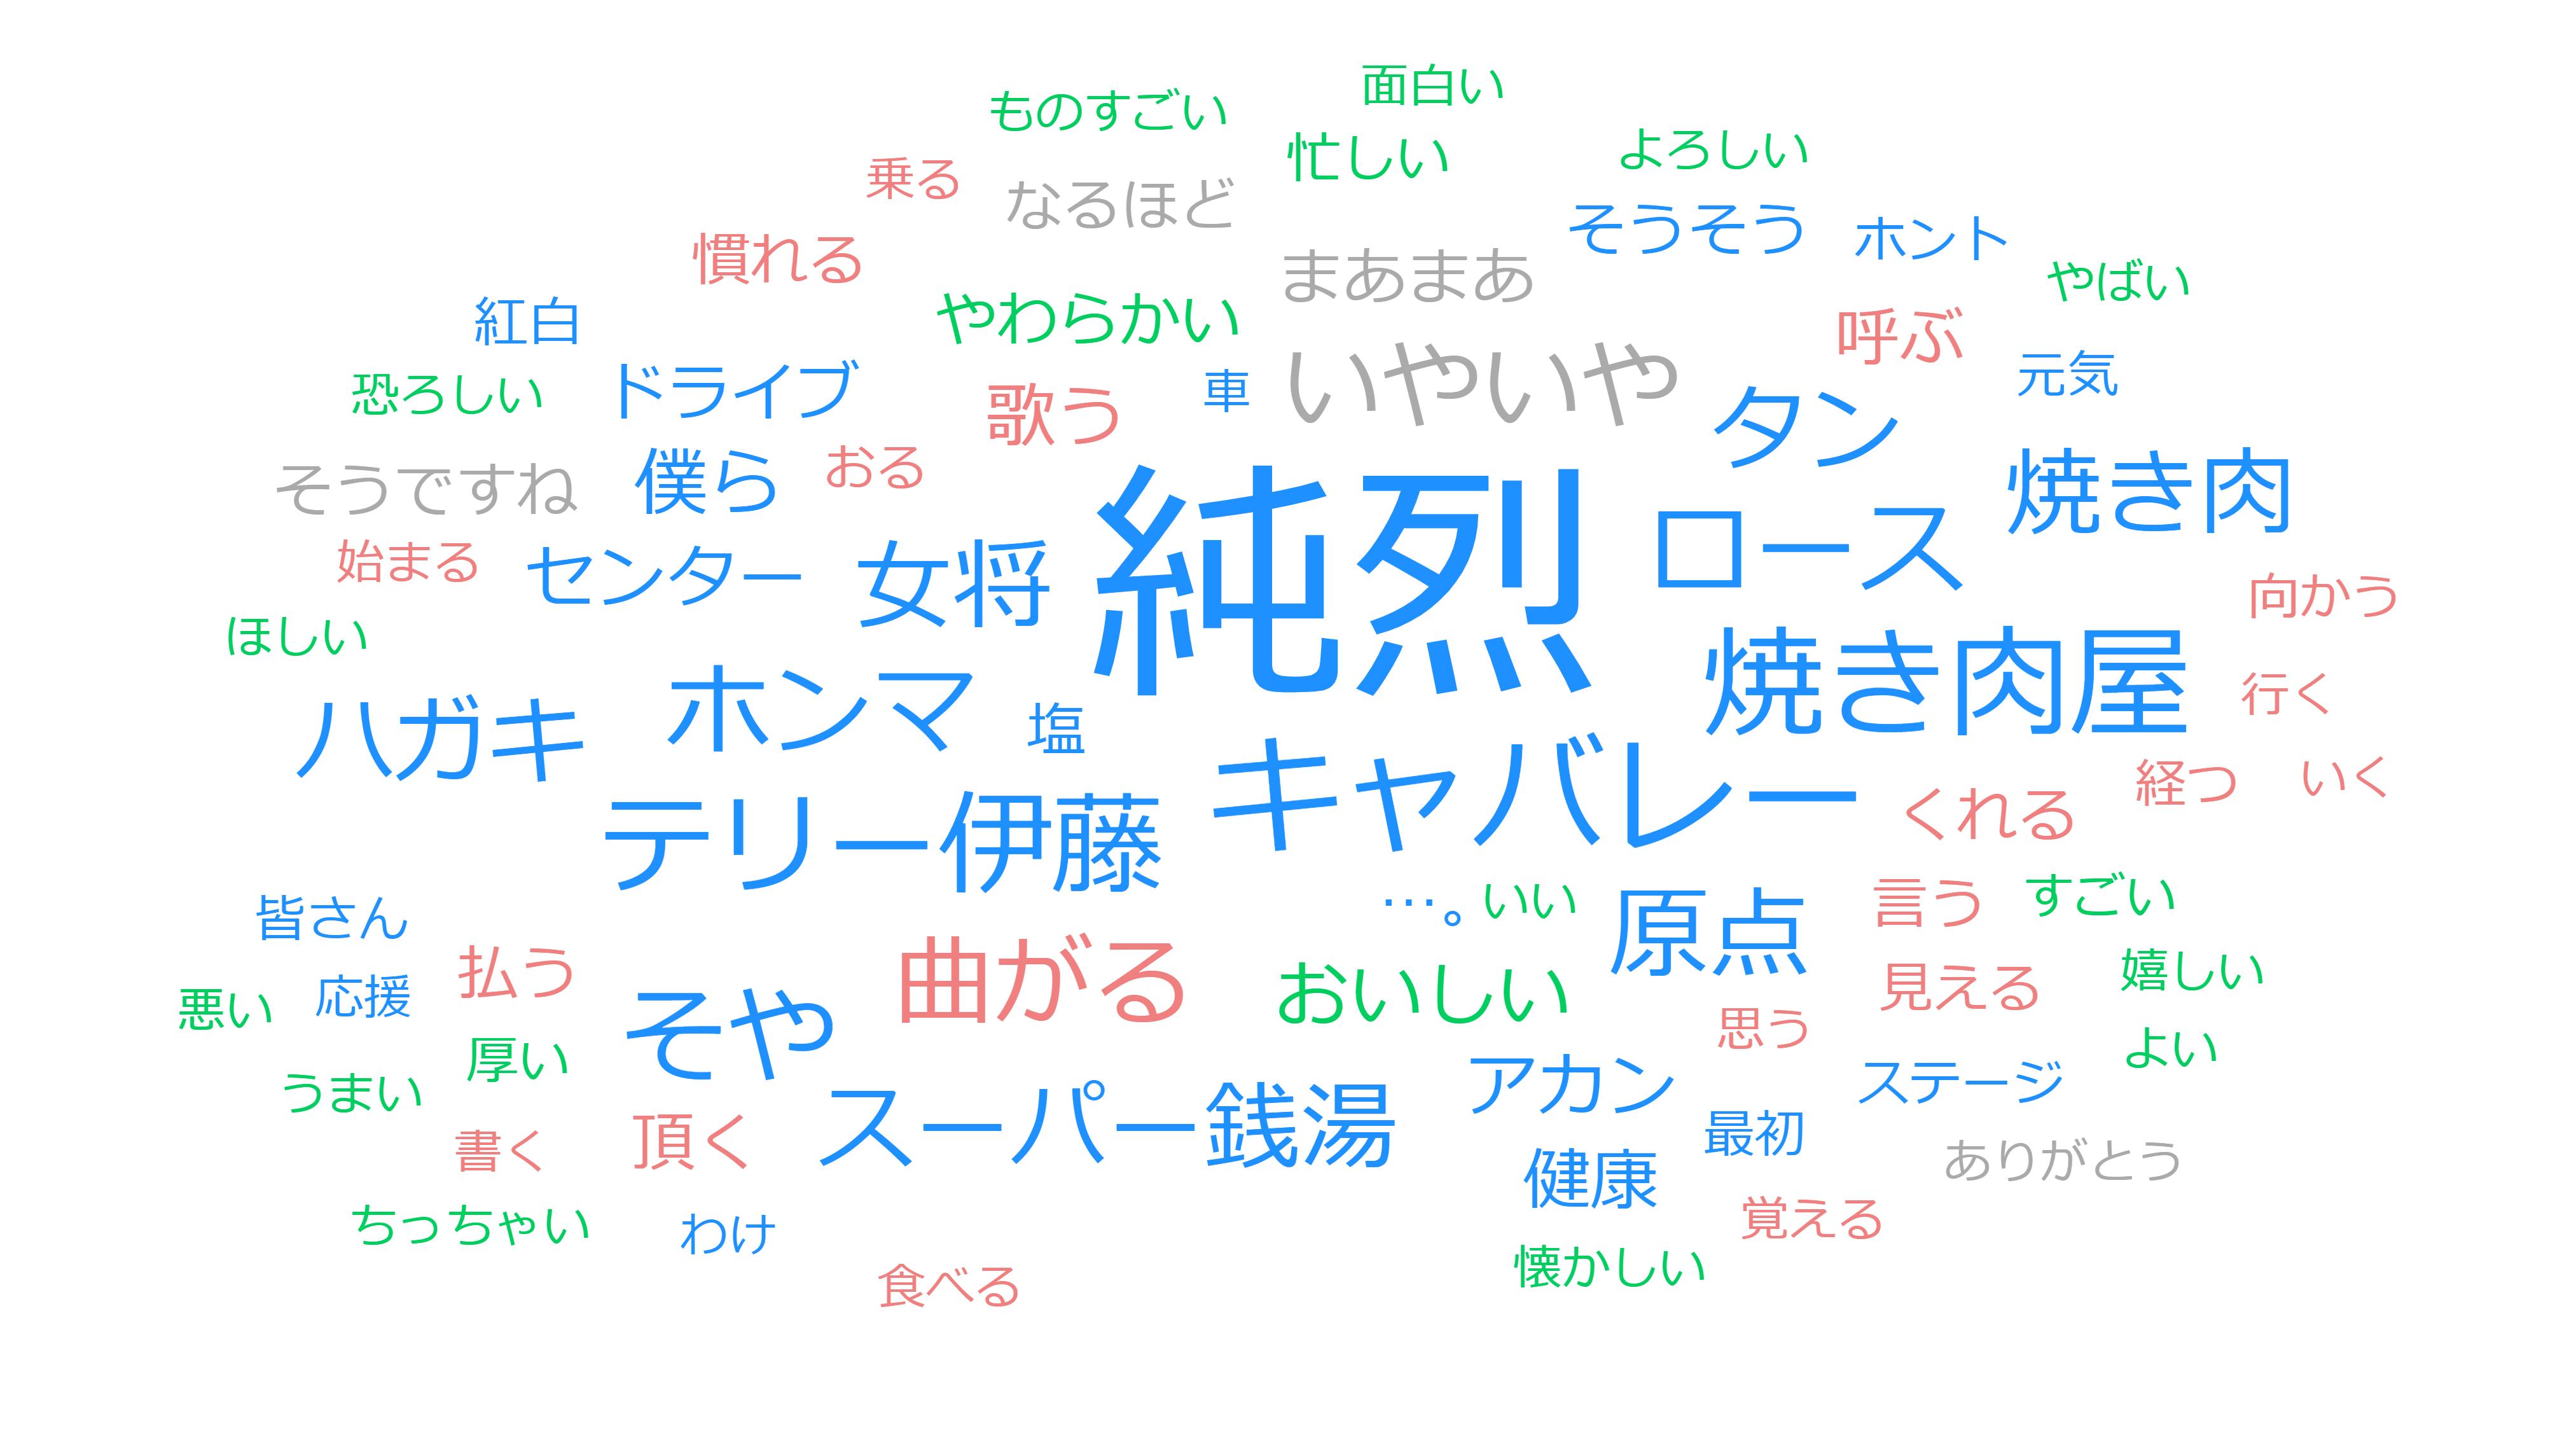 極上空間 スーパー銭湯アイドル純烈・酒井一圭と小田井涼平が